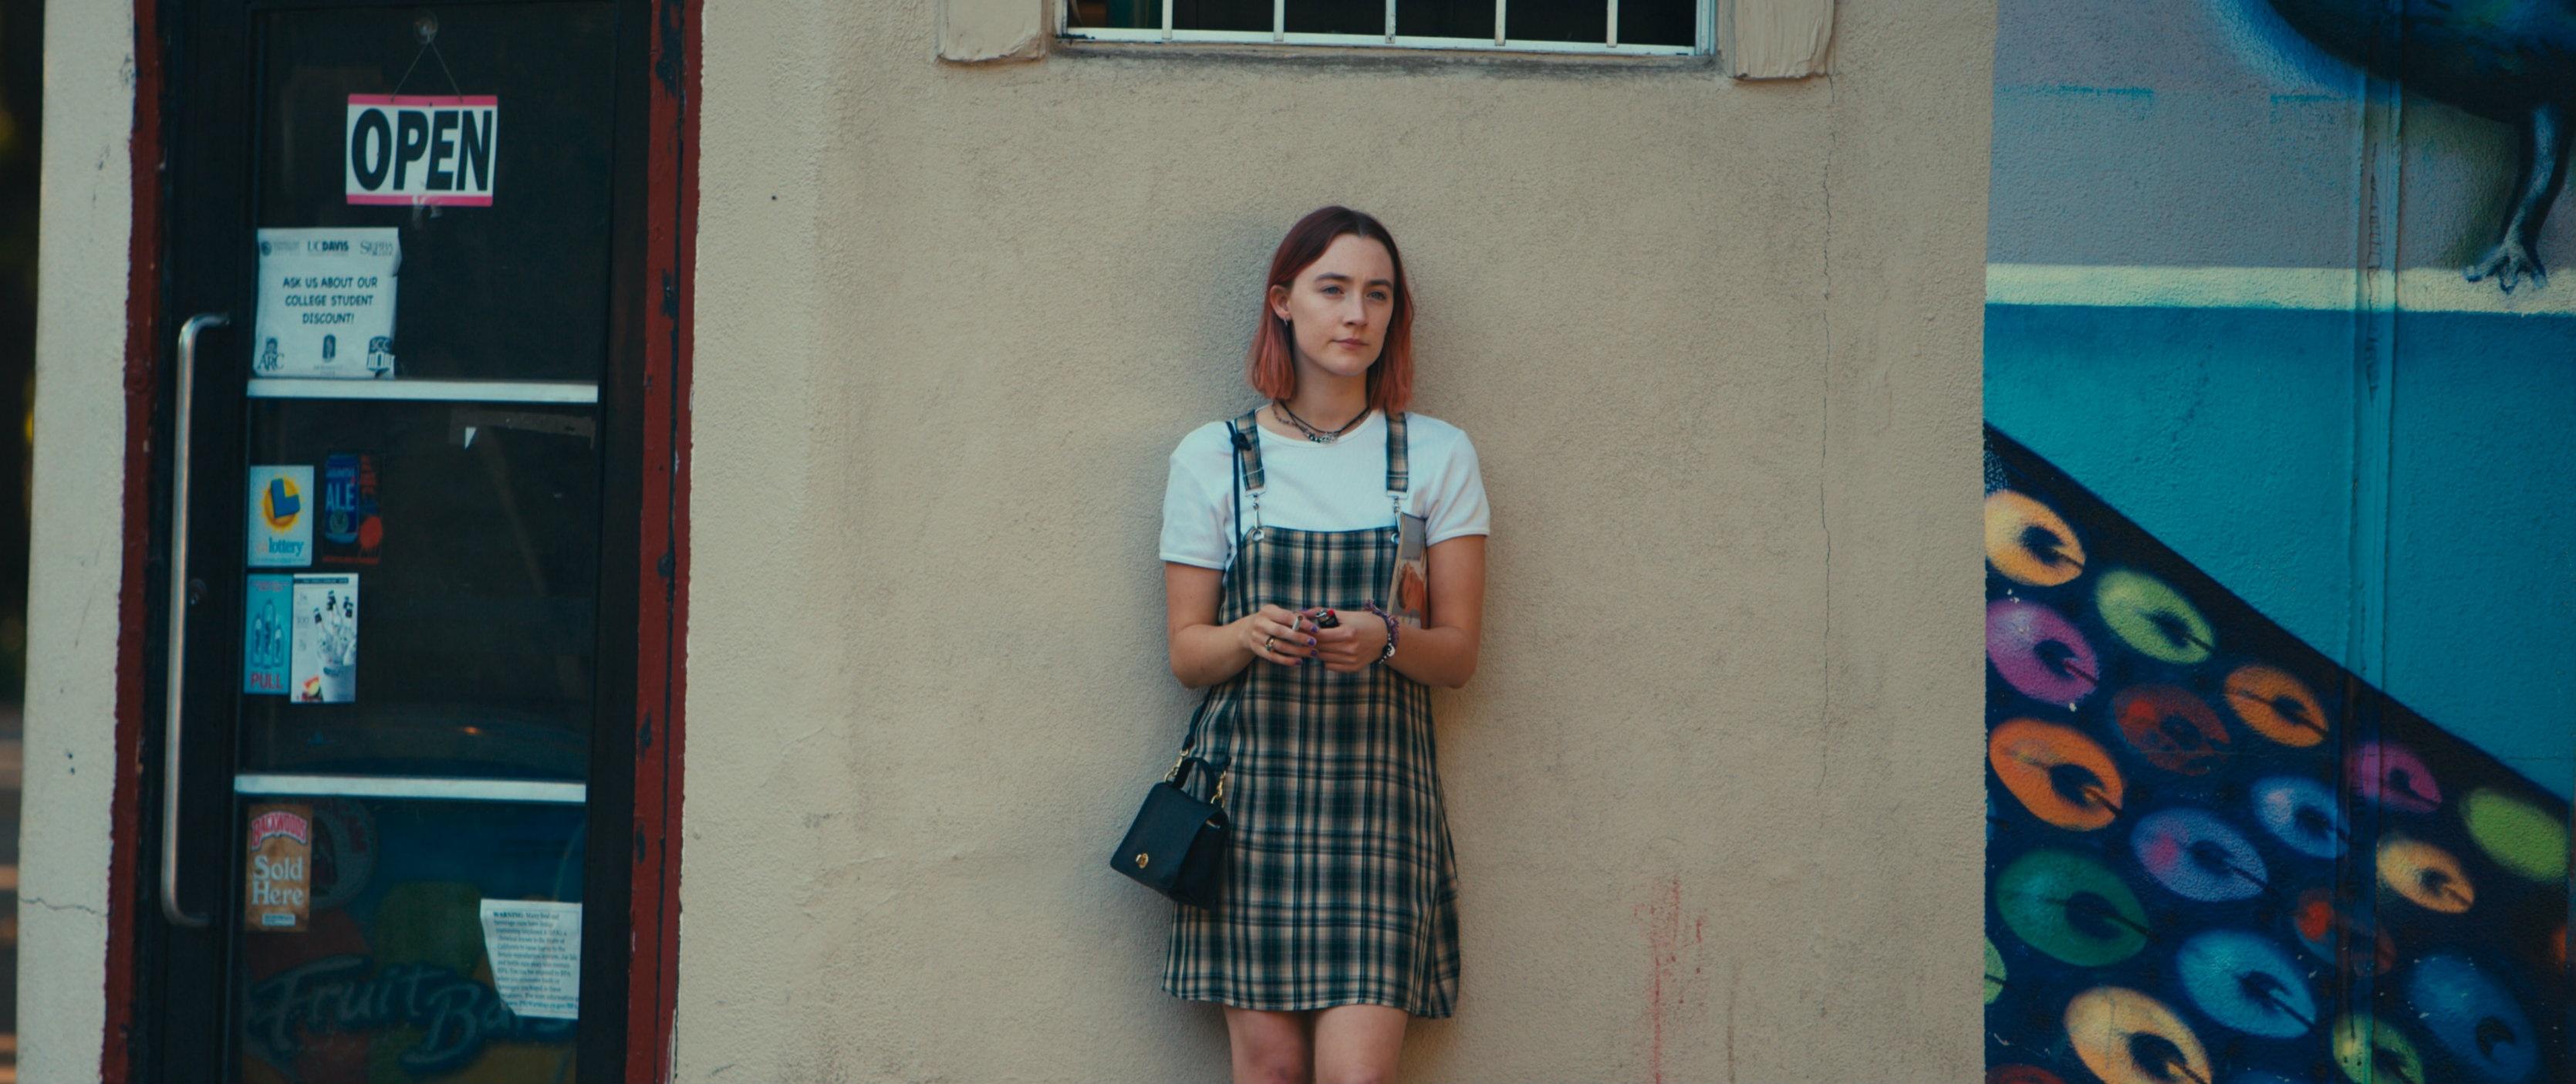 都是处女作、青春片,《伯德小姐》怎么做到口碑这么好?